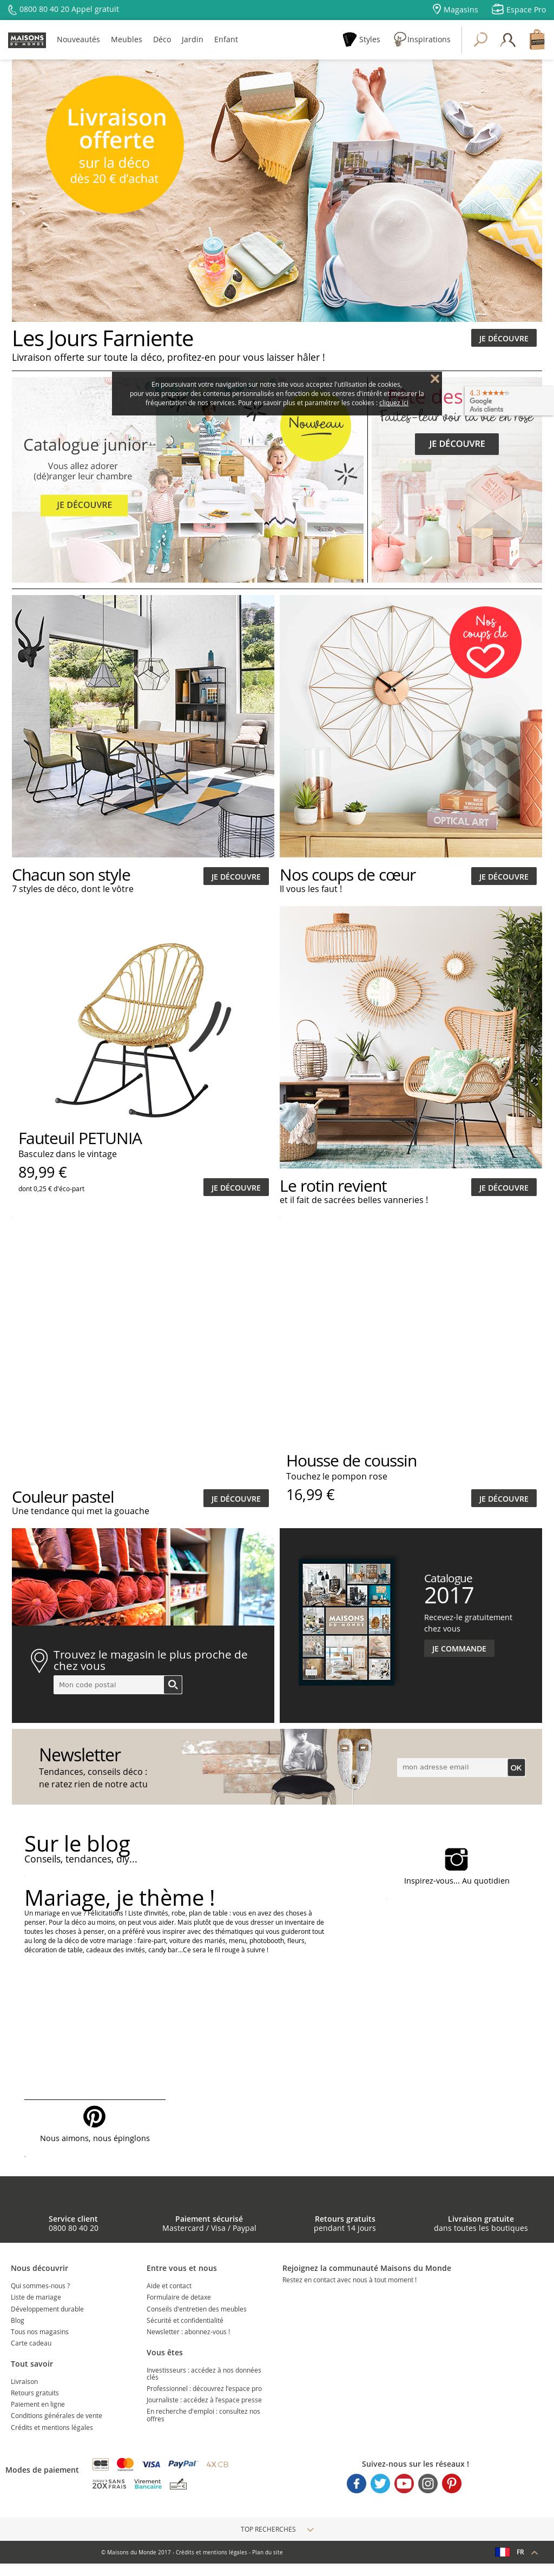 Contact Maison Du Monde.Owler Reports Maisons Du Monde Maisons Du Monde Surpasses